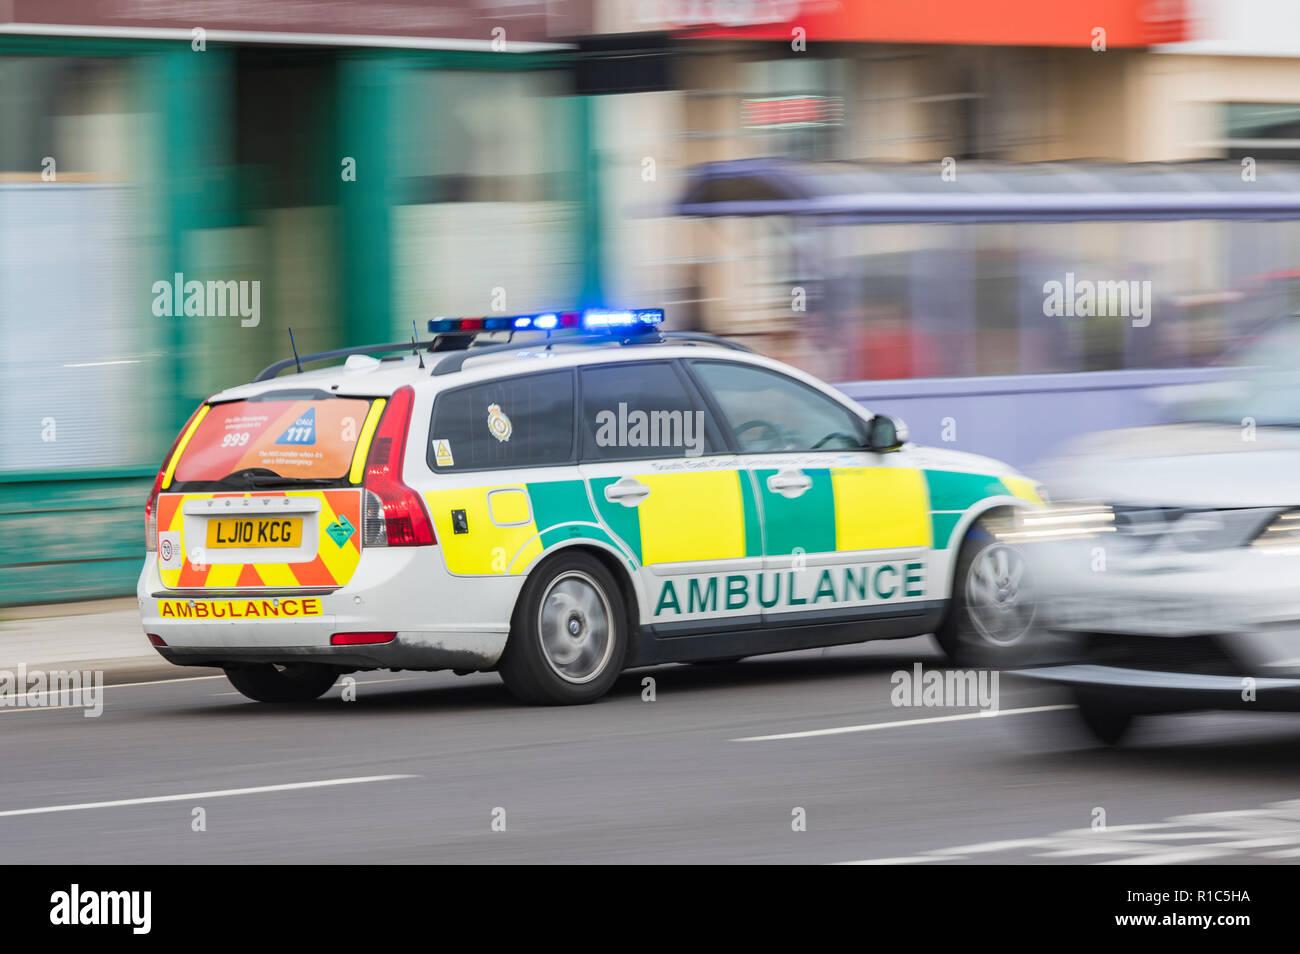 Krankenwagen schnelle Reaktion Auto mit Blaulicht auf dem Weg nach Notruf in West Sussex, UK. Motion blur Effekt. Stockbild